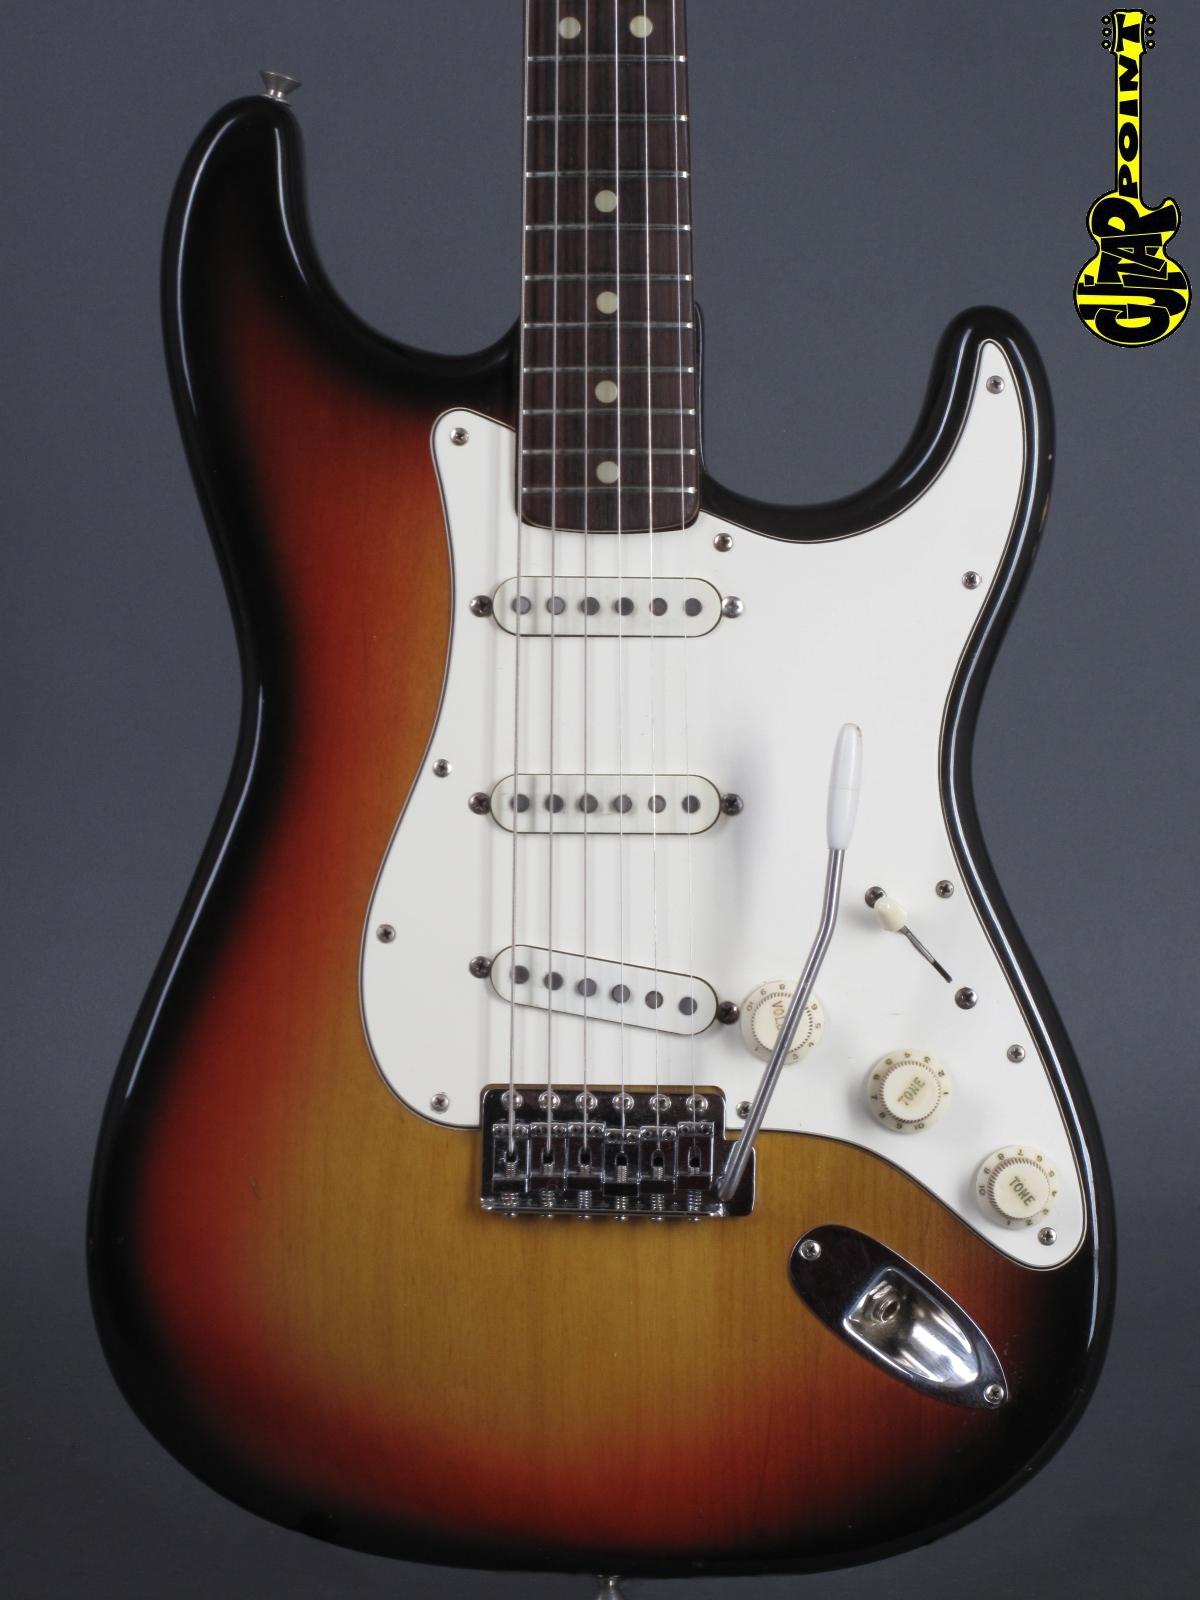 1971 Fender Stratocaster - 3-tone Sunburst